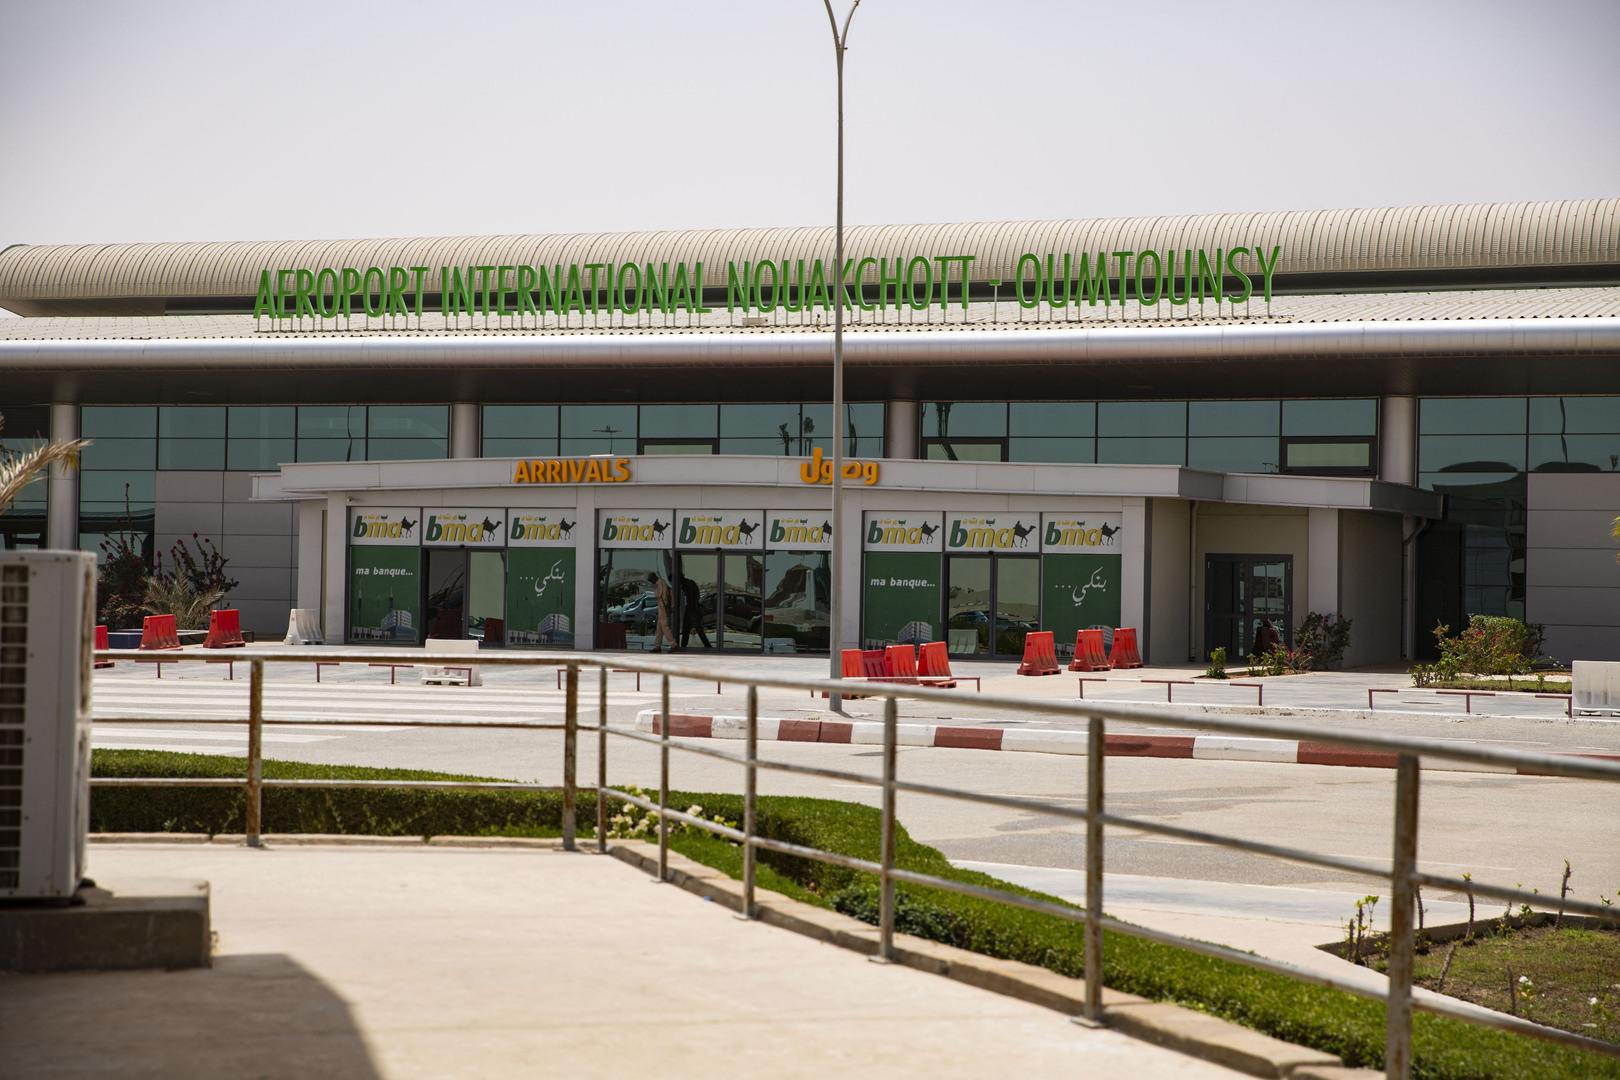 موريتانيا تقرر فتح تحقيق مستقل في حادثة مطار نواكشوط  لكشف مواطن الخلل